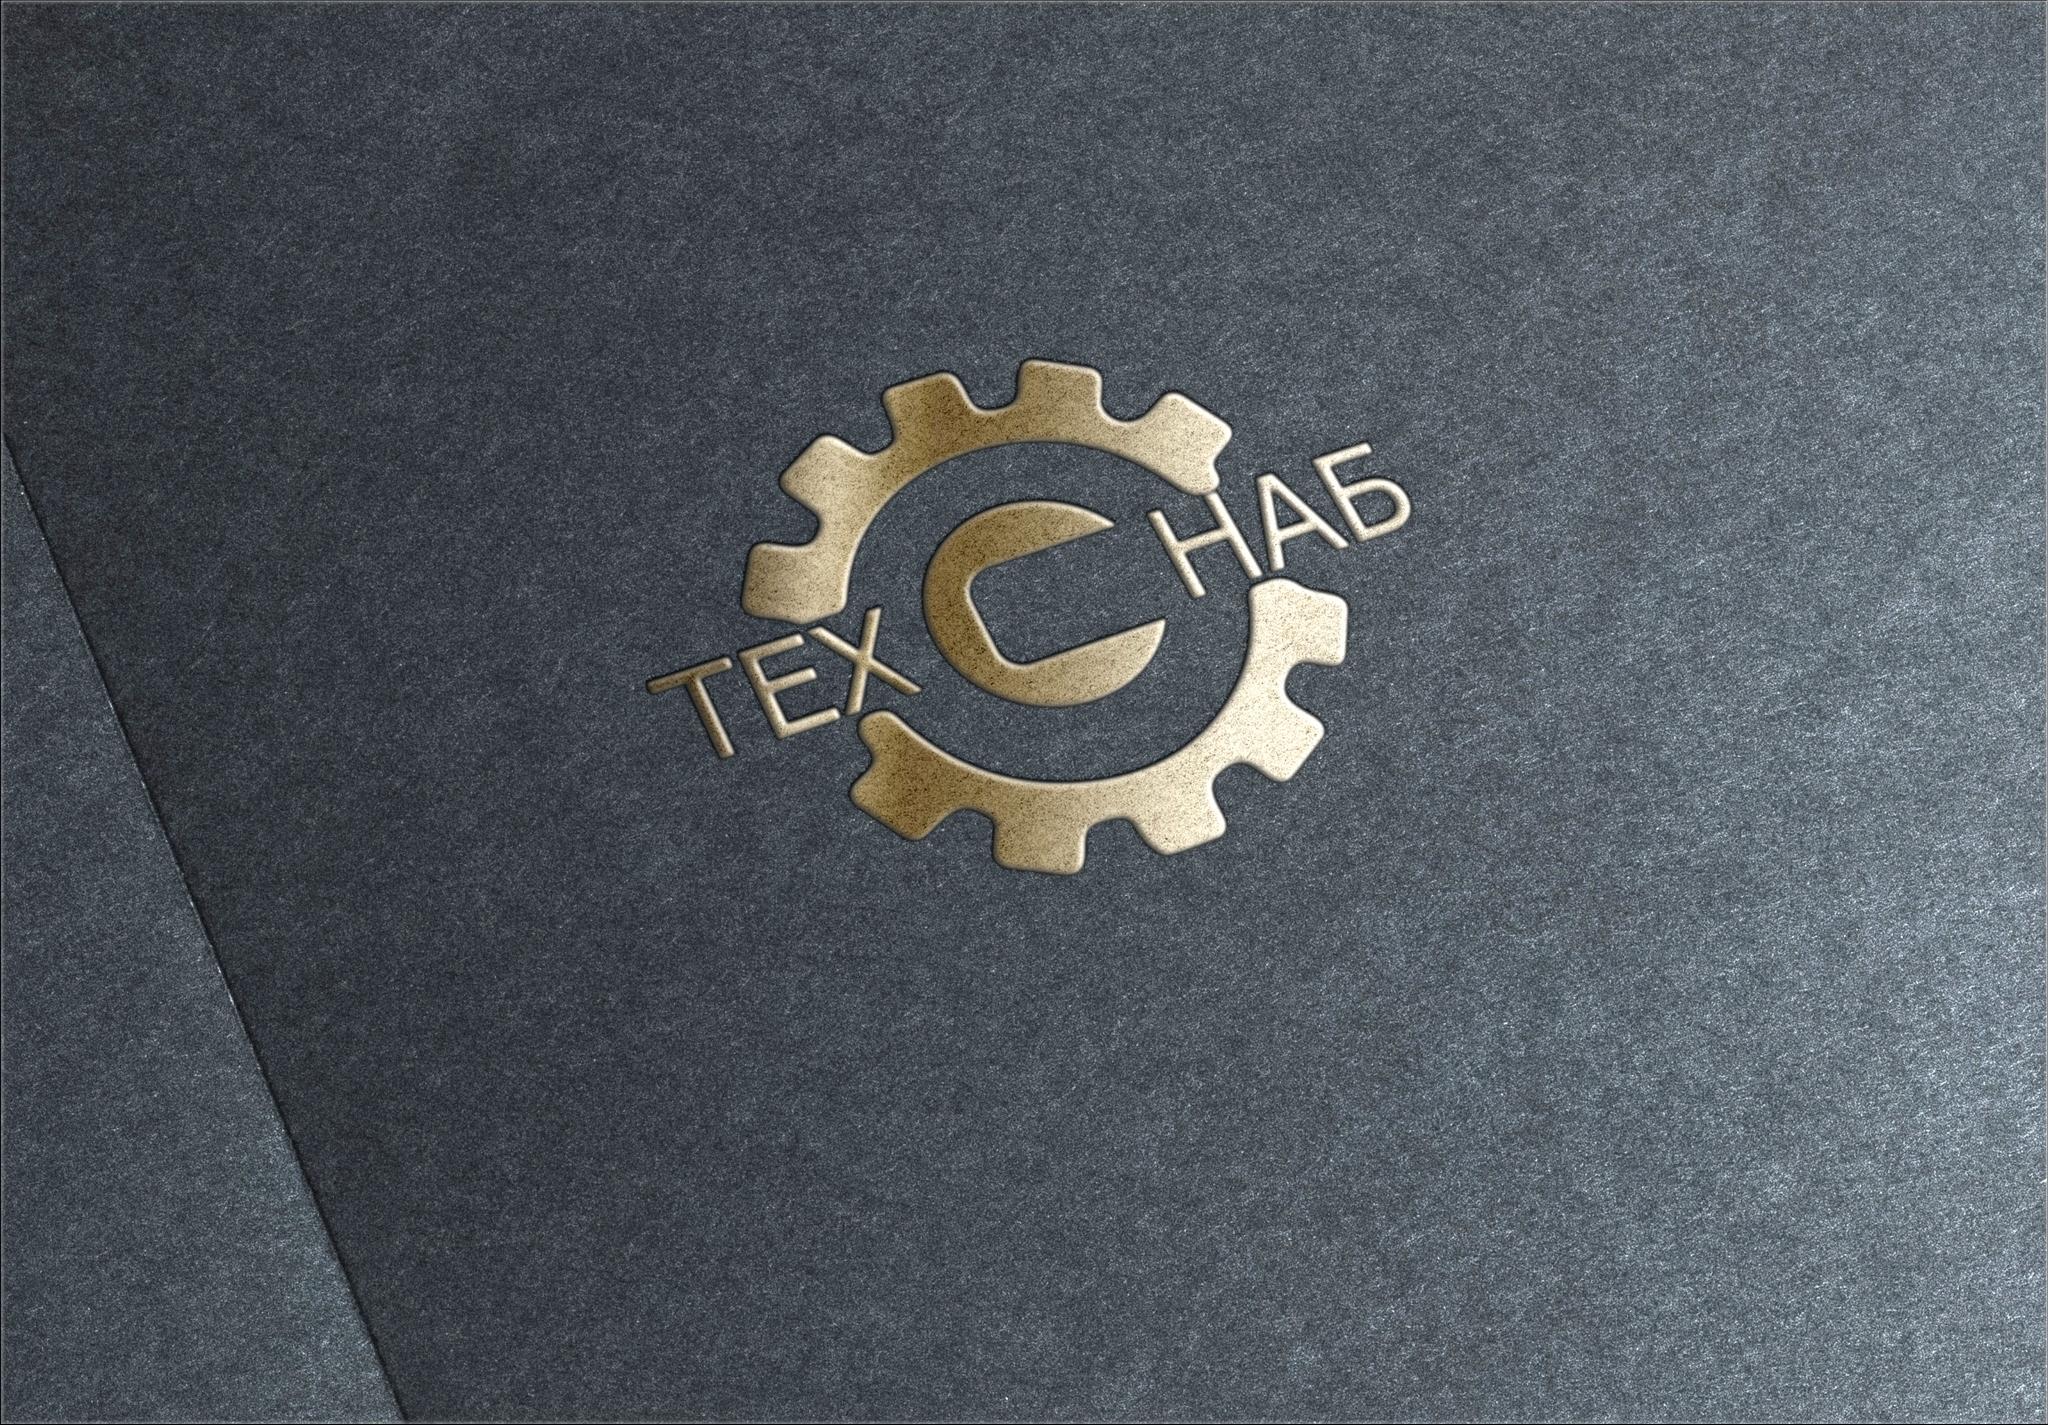 Разработка логотипа и фирм. стиля компании  ТЕХСНАБ фото f_4795b1fa9f0ab9f3.jpg